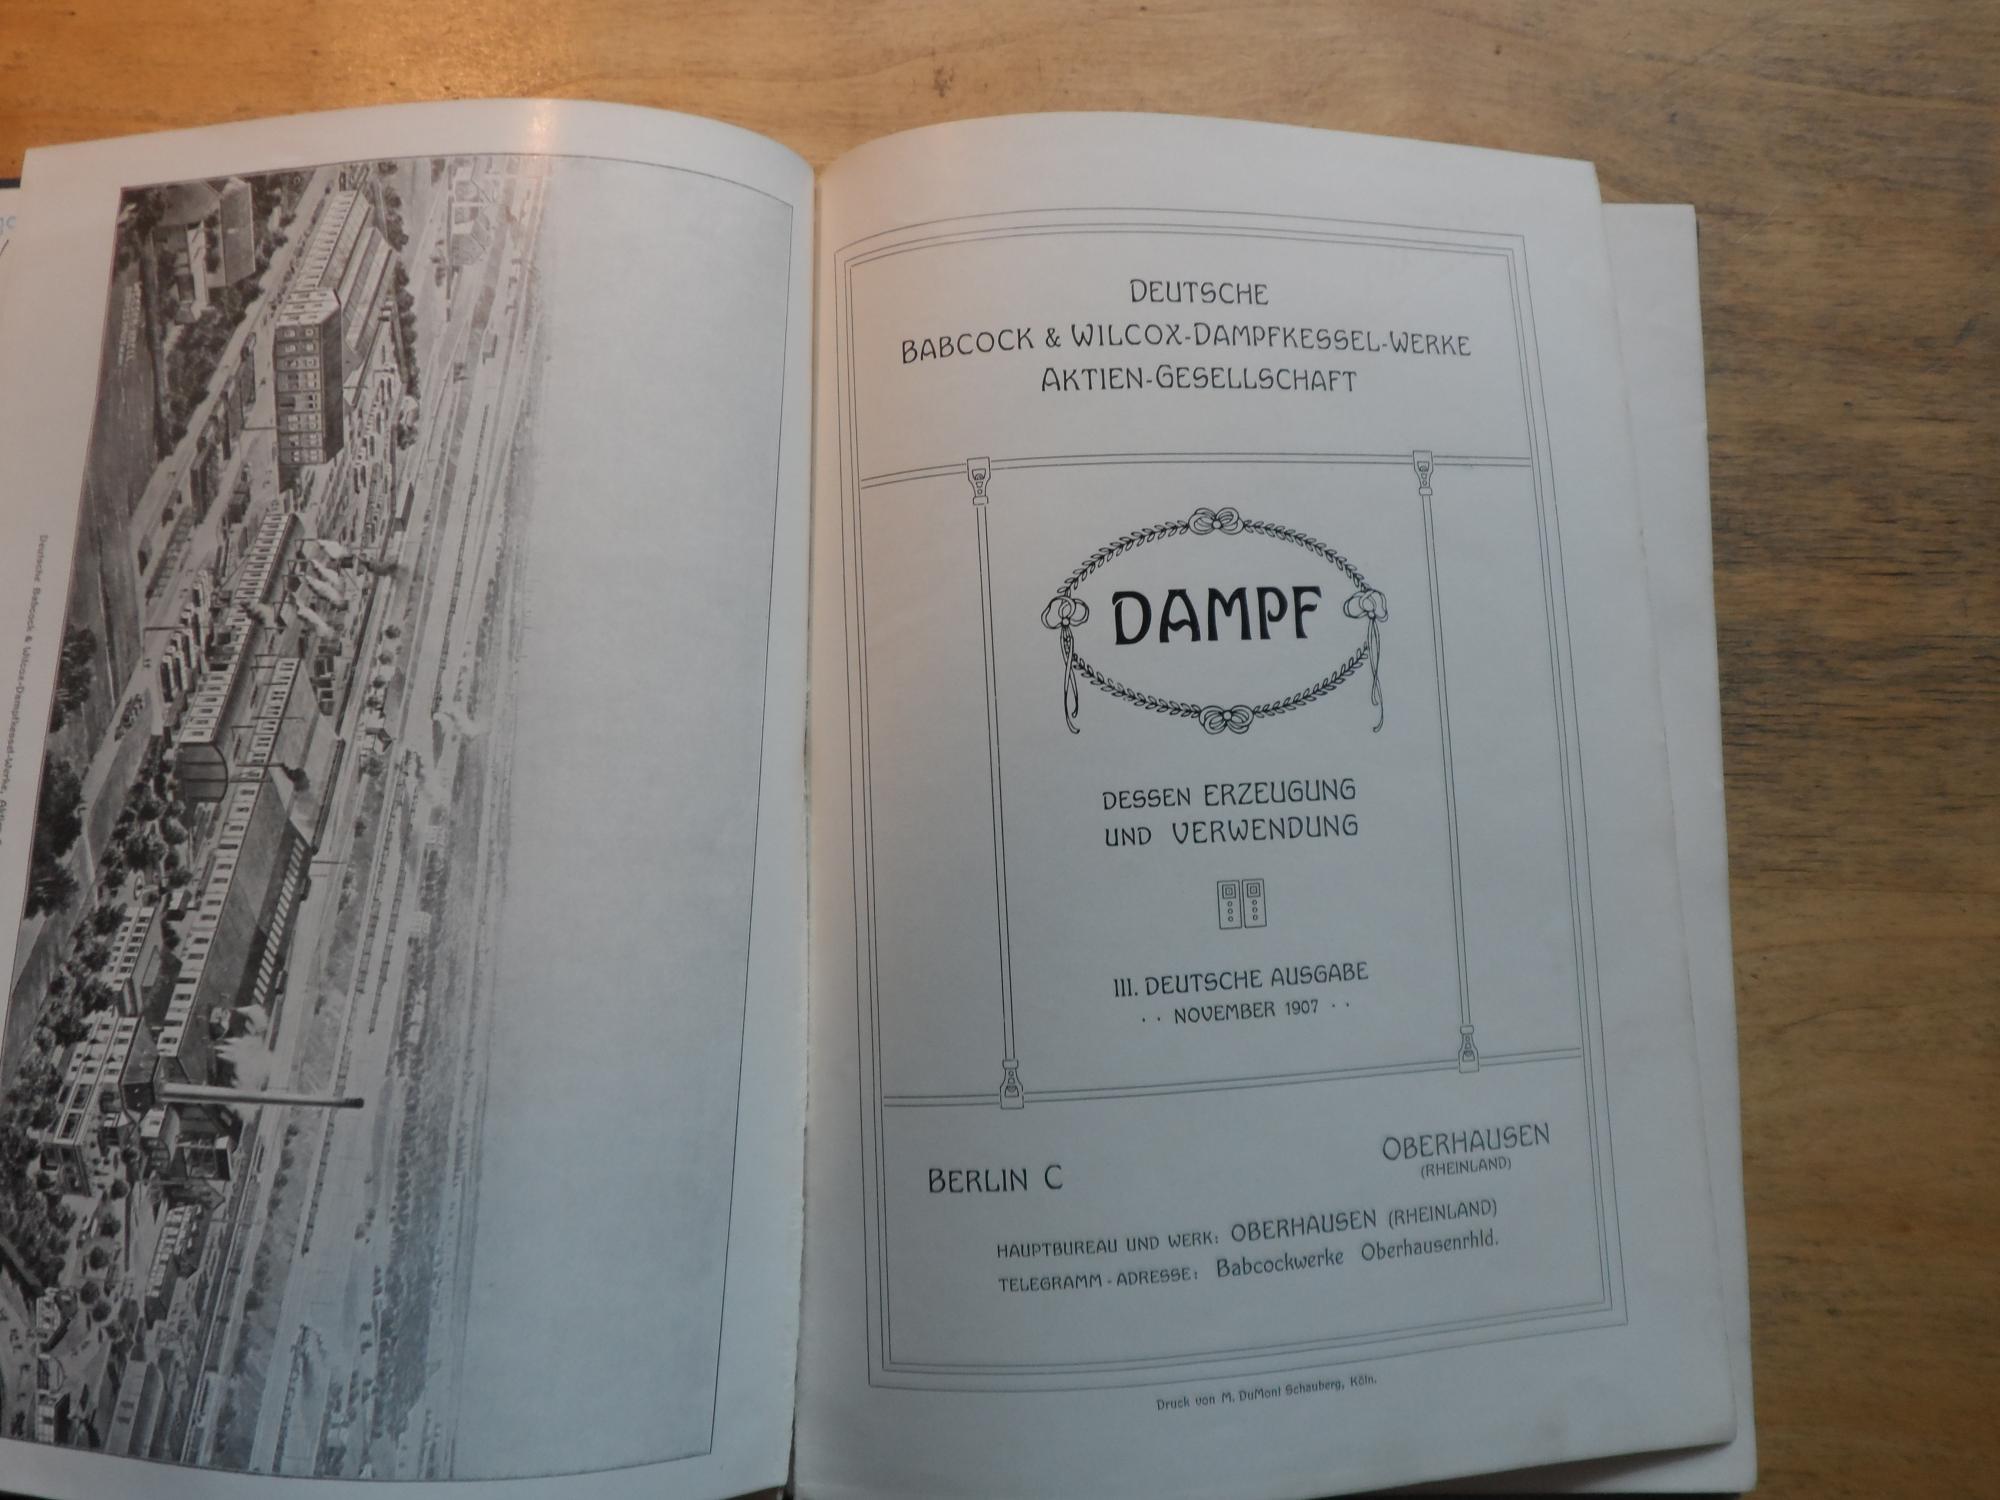 dampfkessel - ZVAB